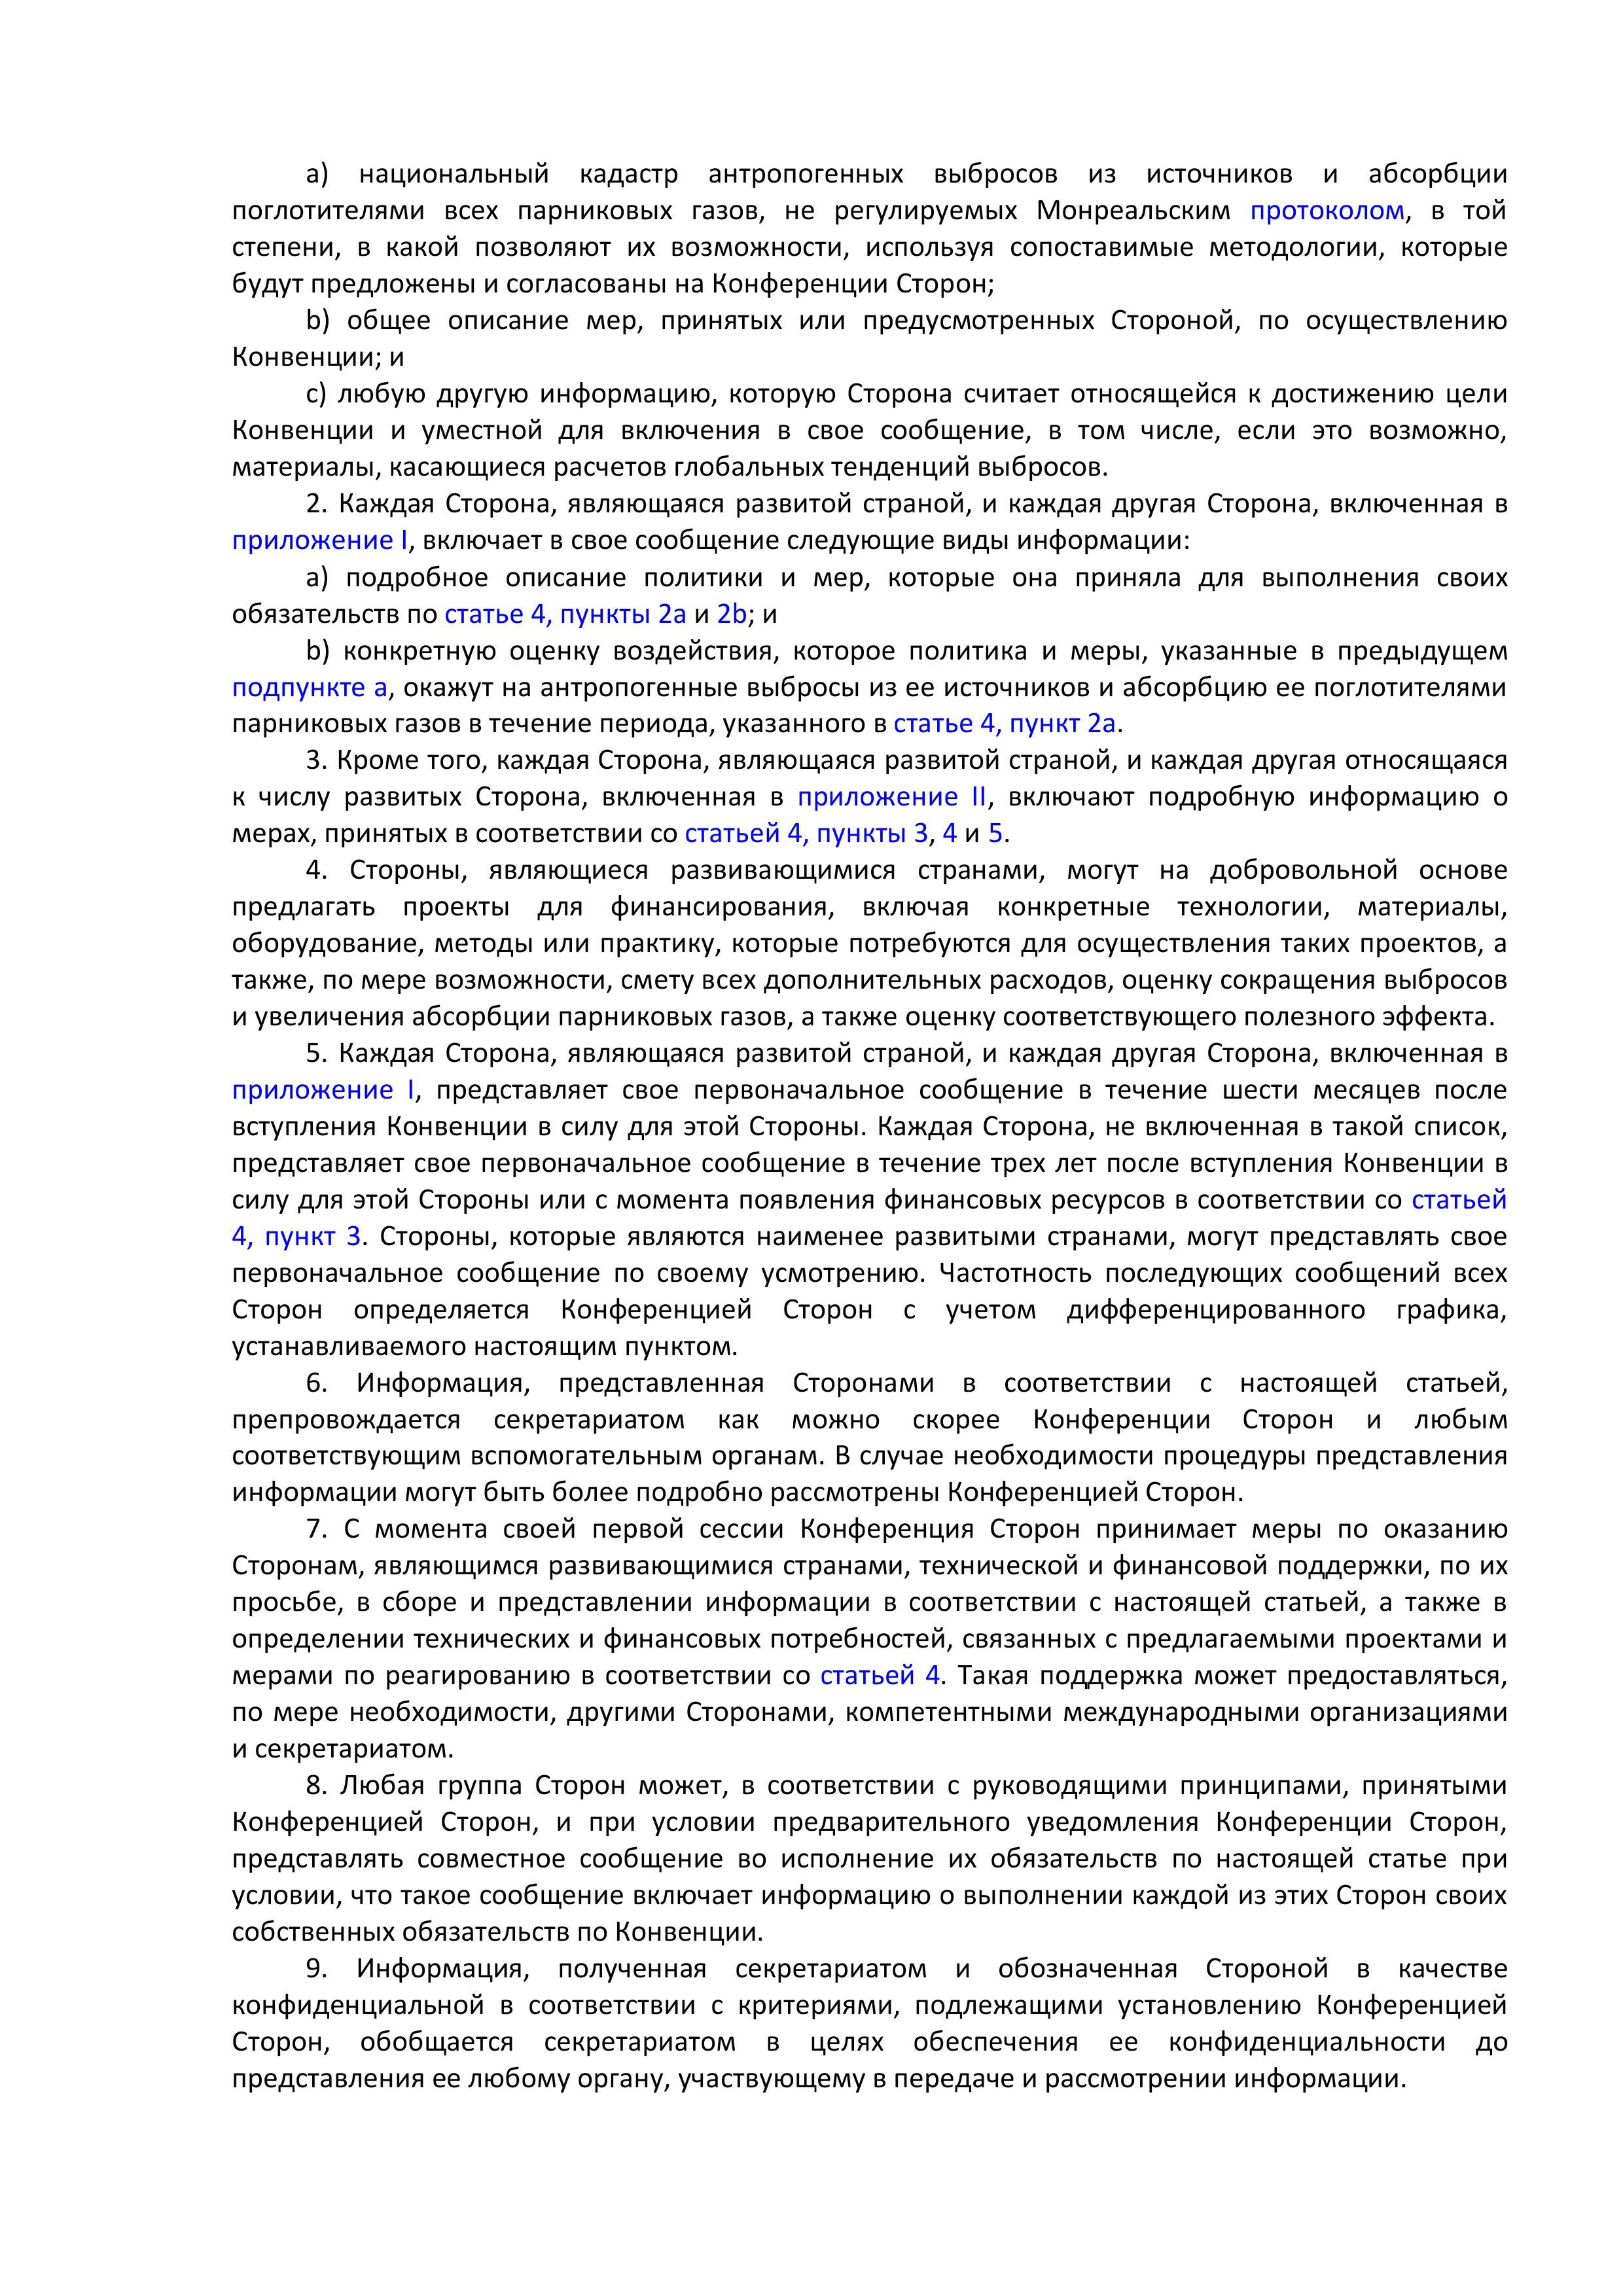 договор оказания услуг по распиловке леса